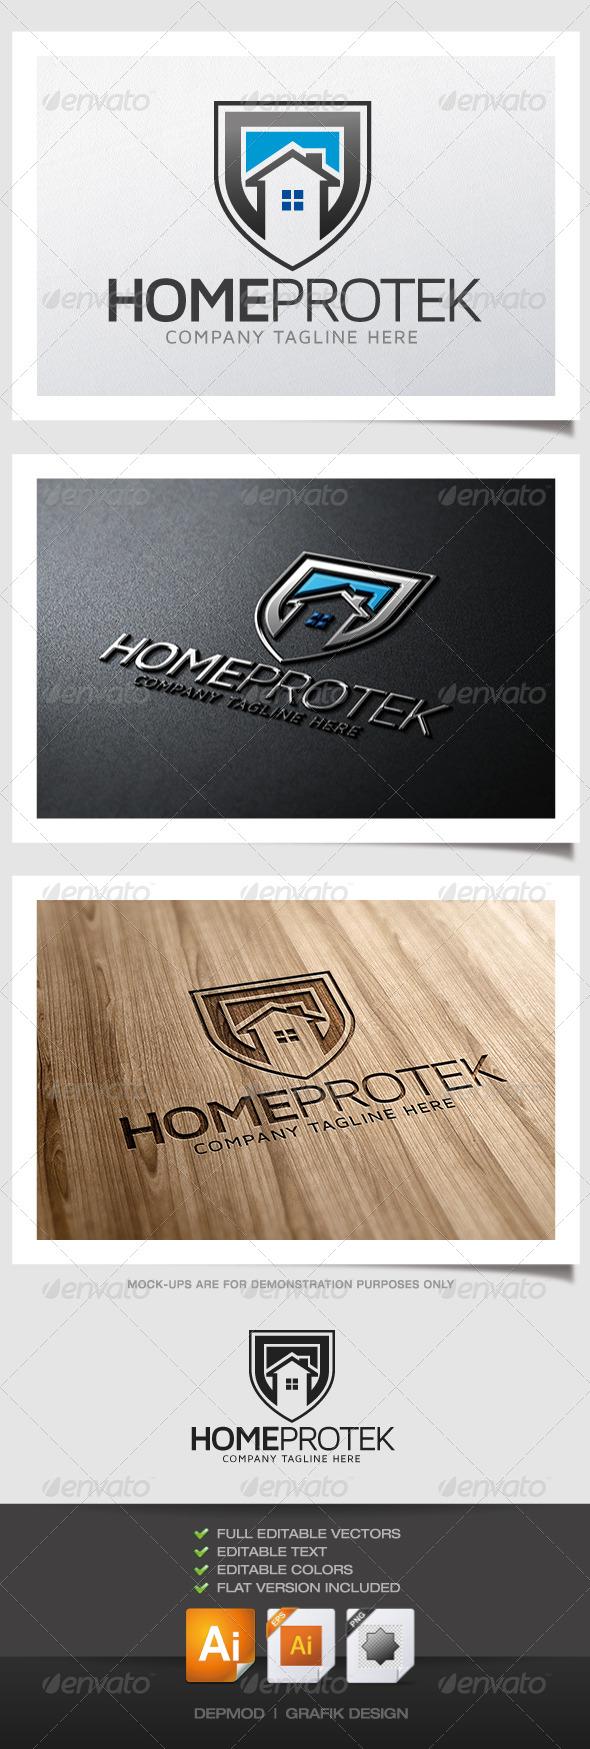 GraphicRiver Home Protek Logo 5010654